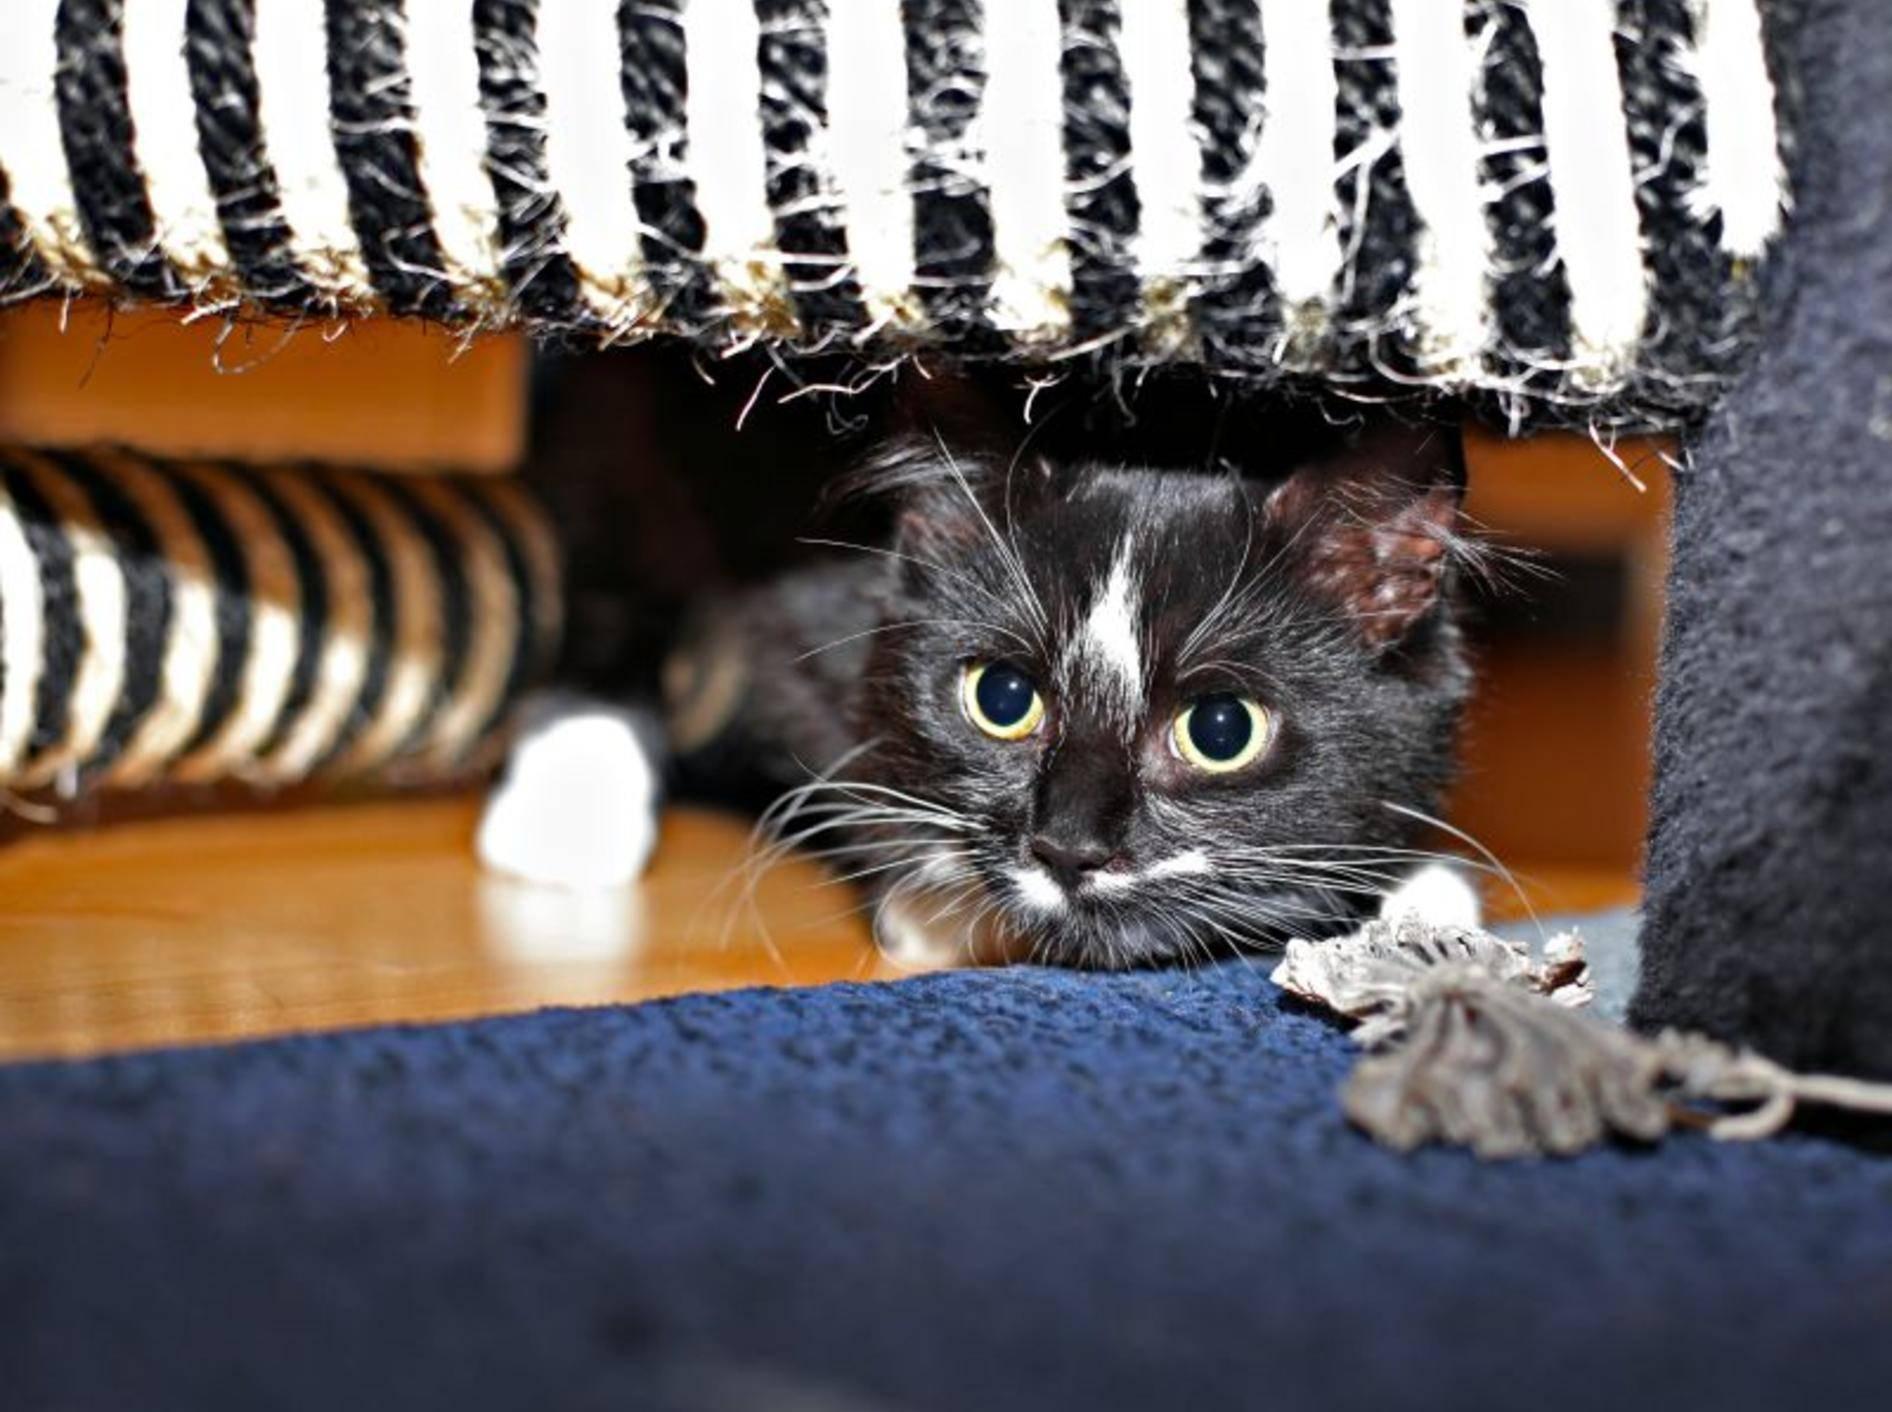 Eifersucht bei Katzen: Schwierig wird, wenn eine sich zurückzieht – Bild: Shutterstock / Alena Stalmashonak